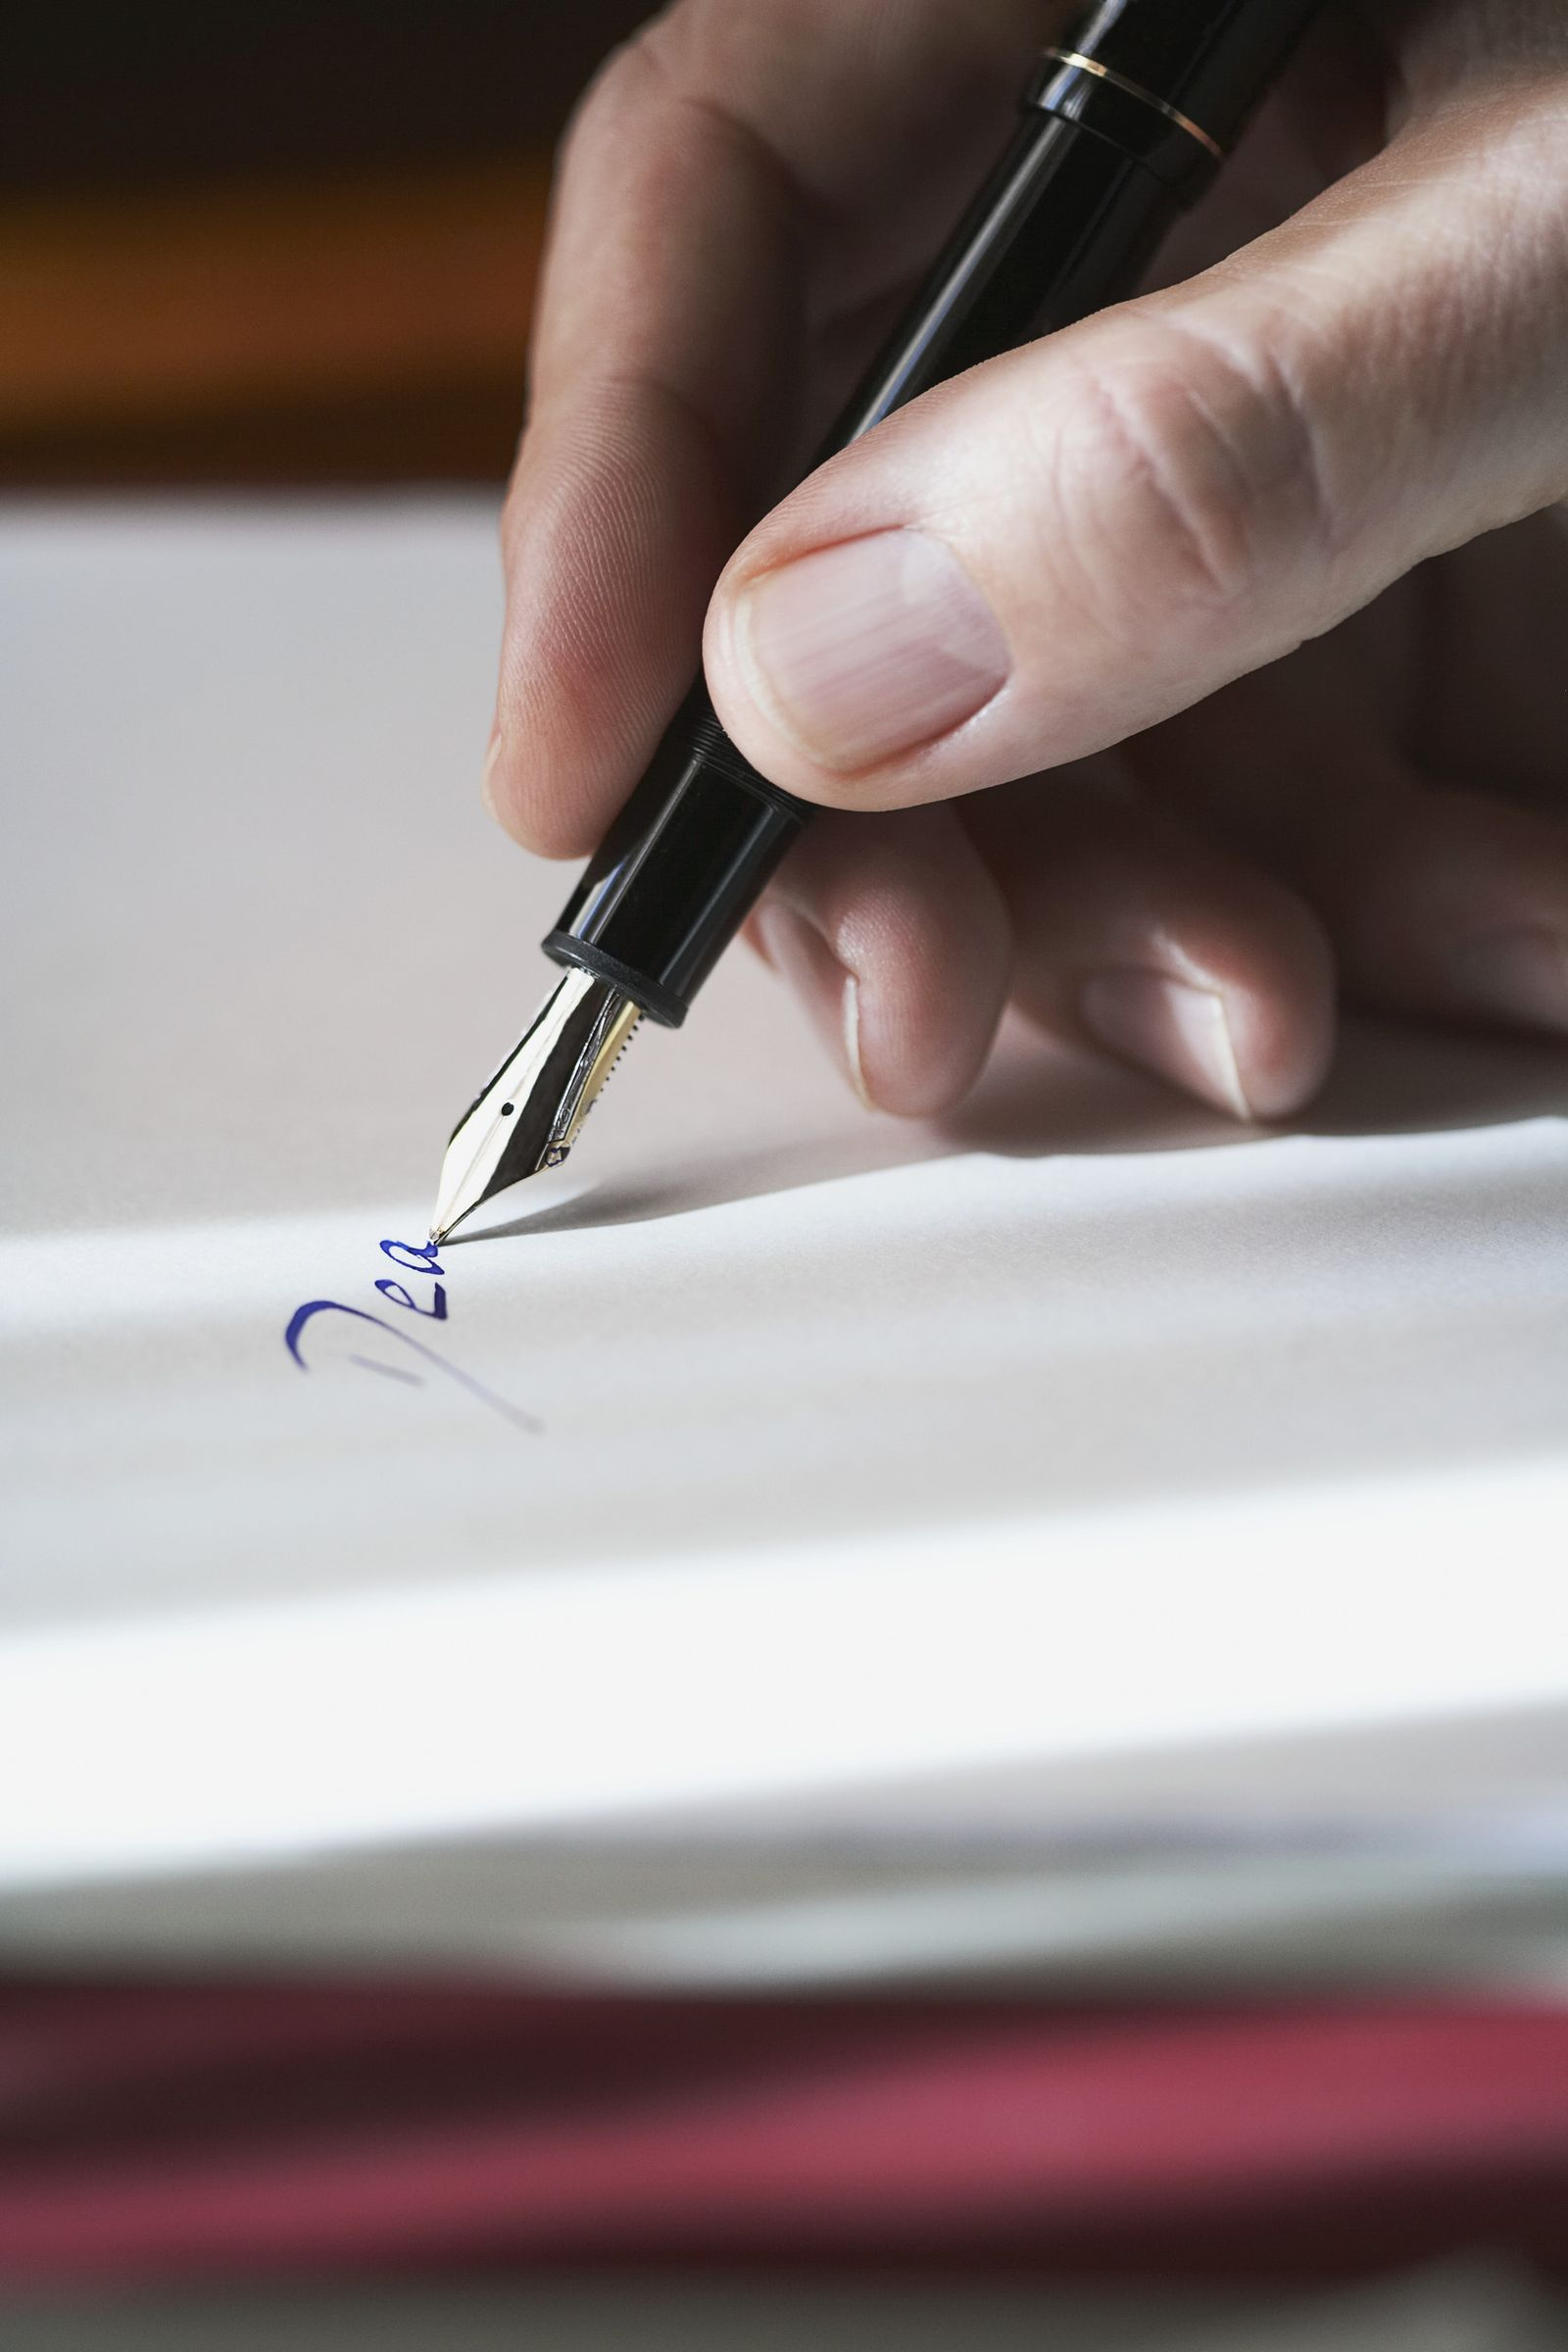 NICHT MEHR VERWENDEN! - EINMALIGE VERWENDUNG KaSP Brief Handschrift Füllfederhalter SYMBOLBILD